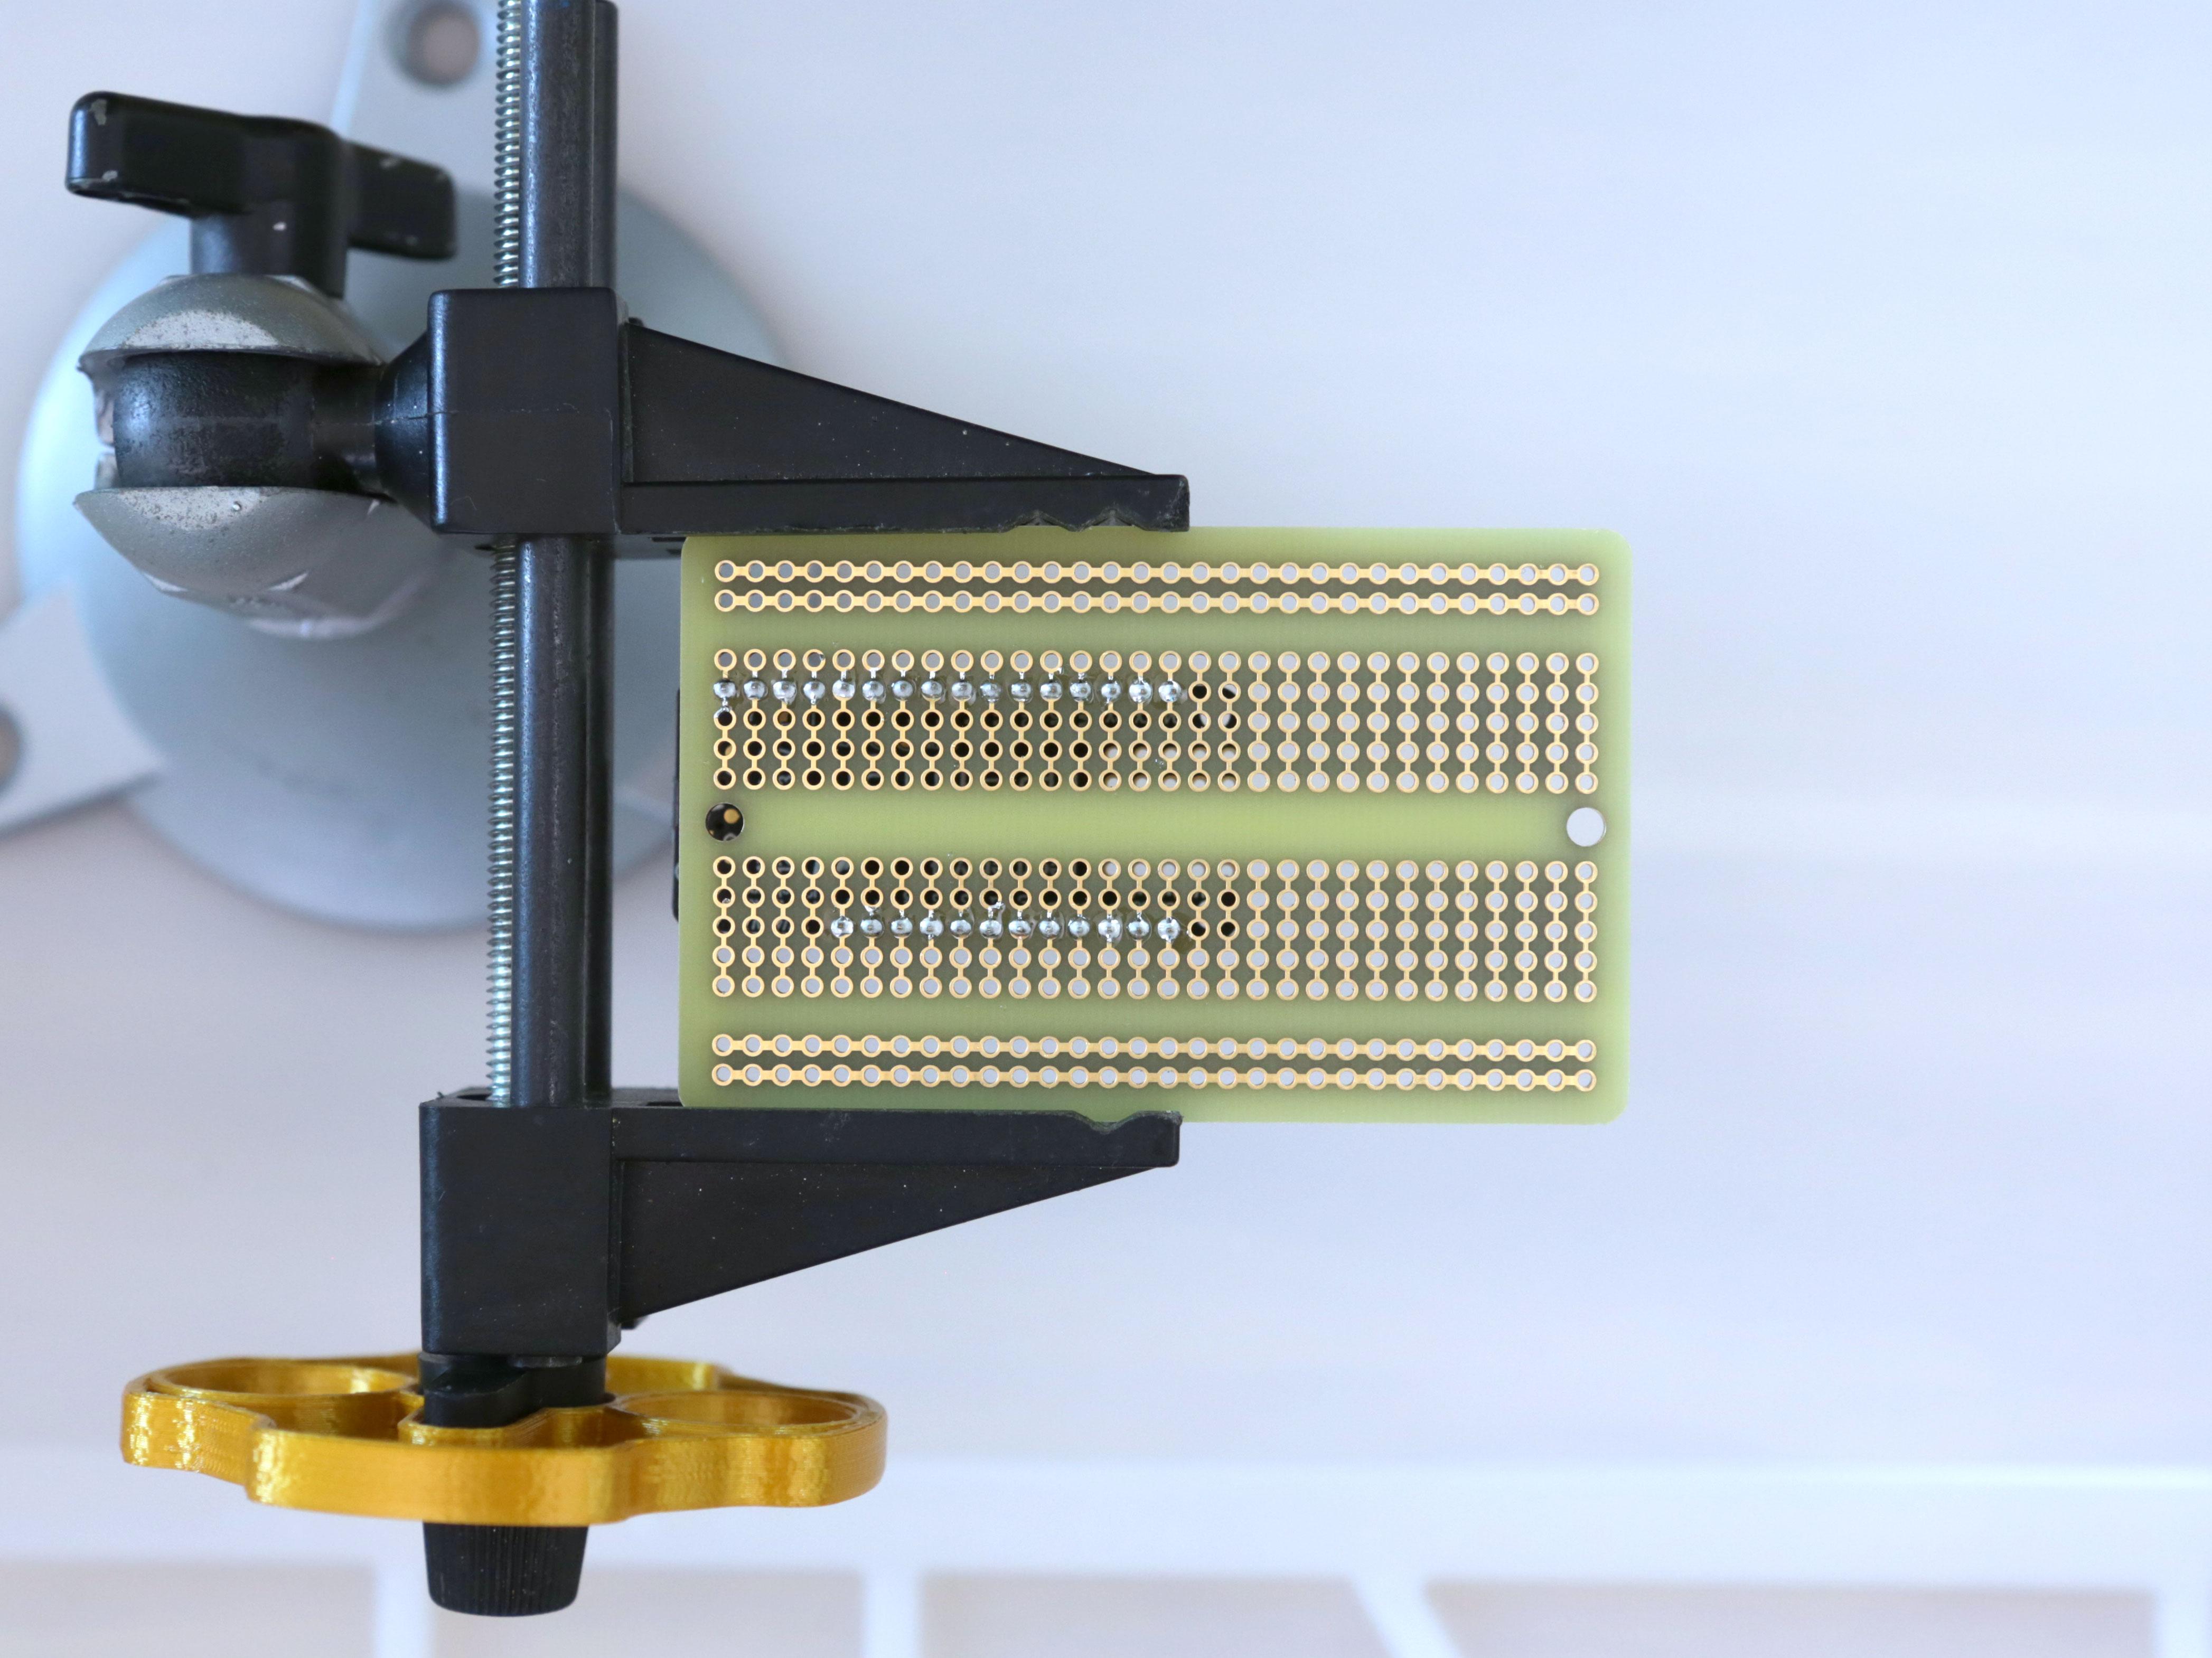 3d_printing_feather-perma-headers-solder.jpg